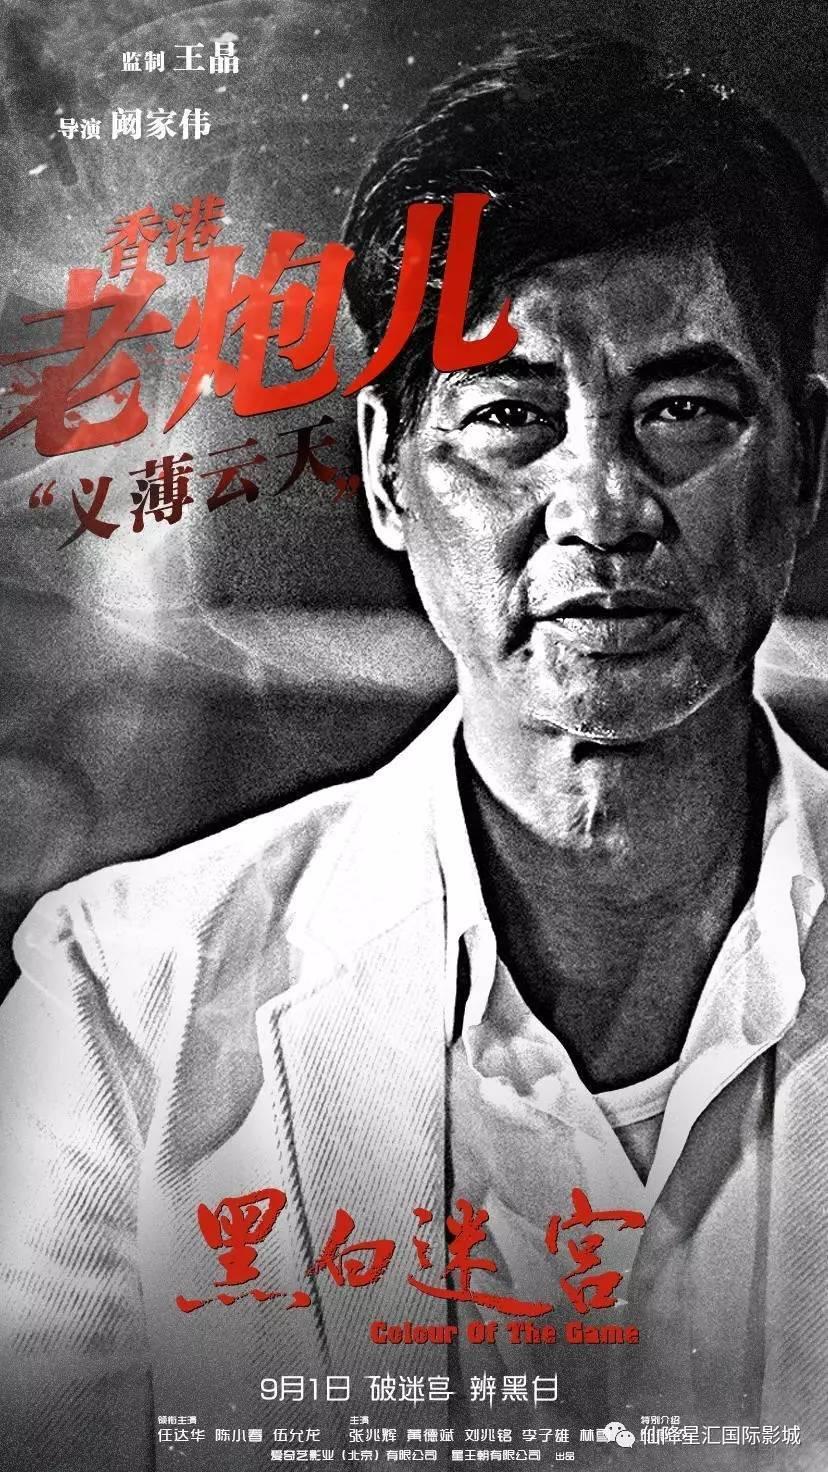 最新电影:【黑白迷宫】【敦刻尔克】【银魂】